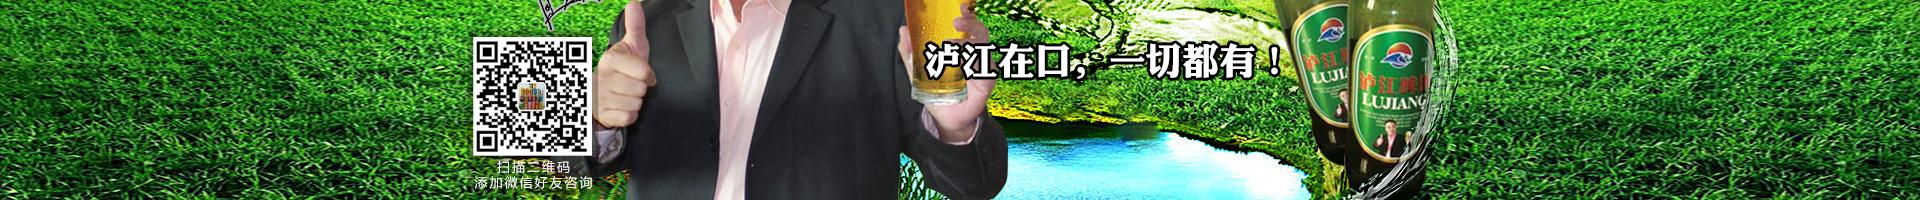 山东达利园饮品有限公司